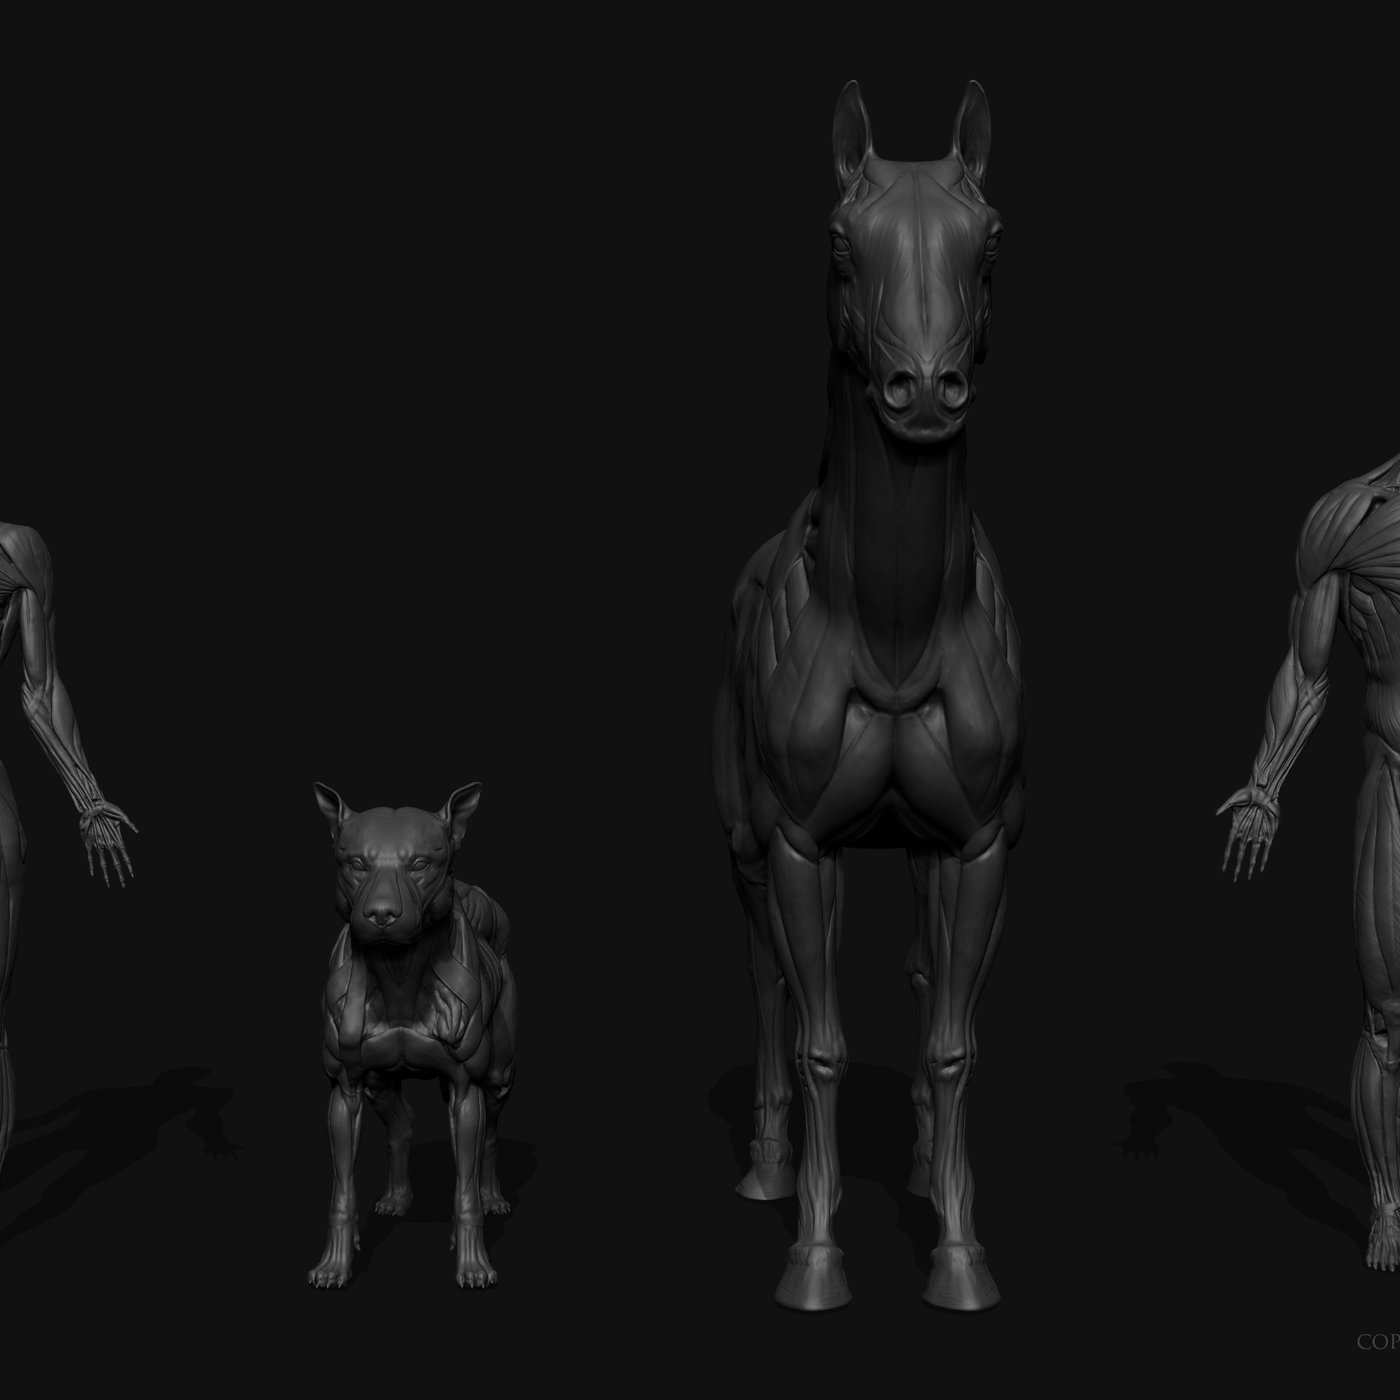 Human & Animal anatomy figures